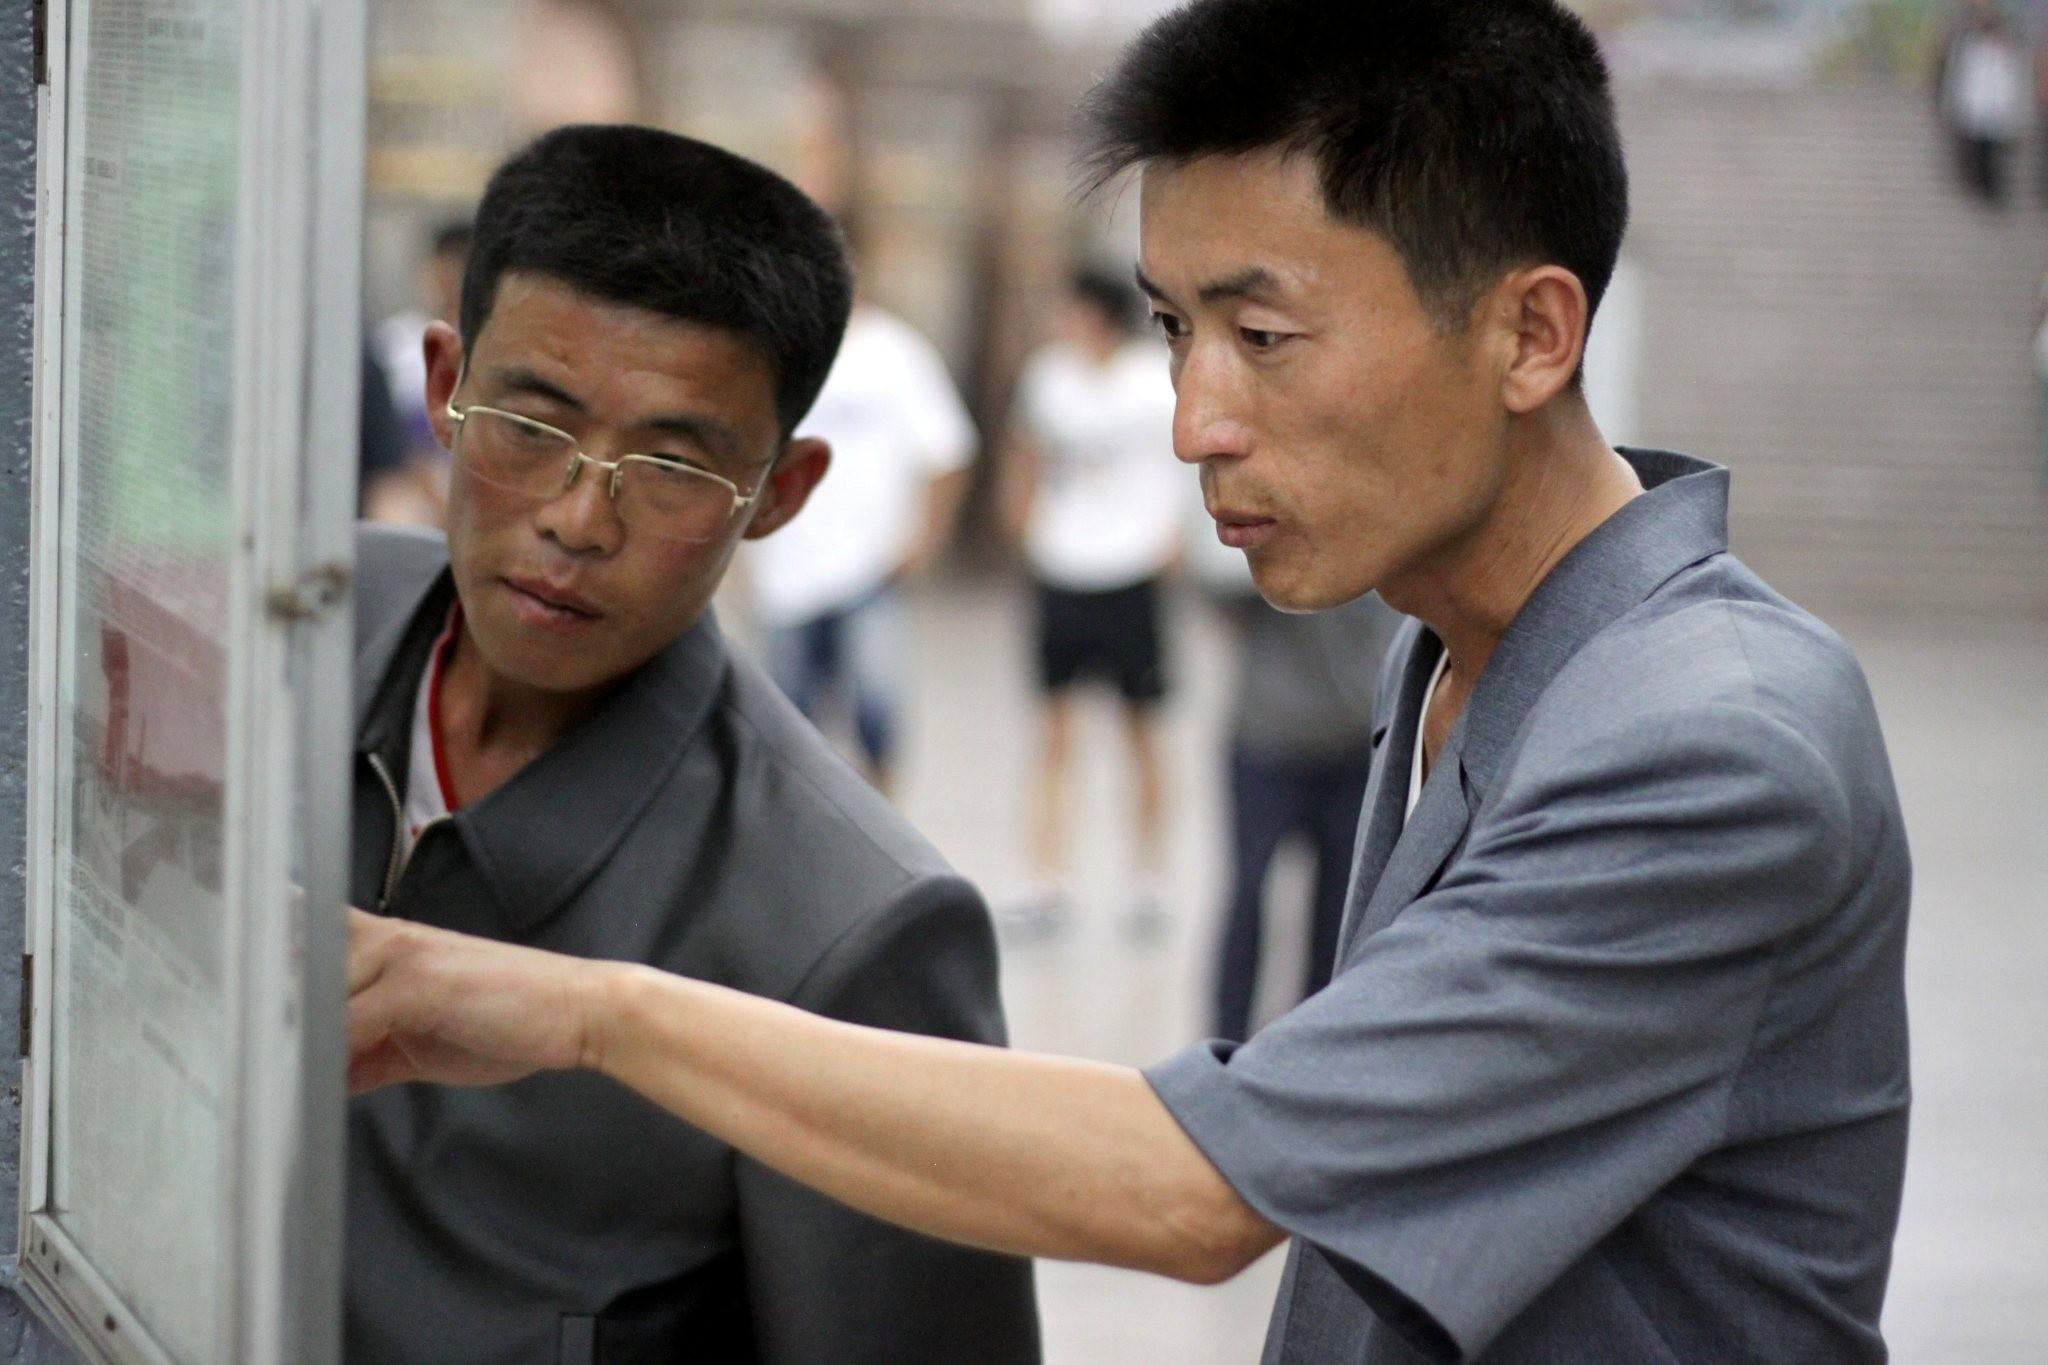 Des norcoréens en lisant le journaux dans le métro de Pyongyang en Corée du Nord